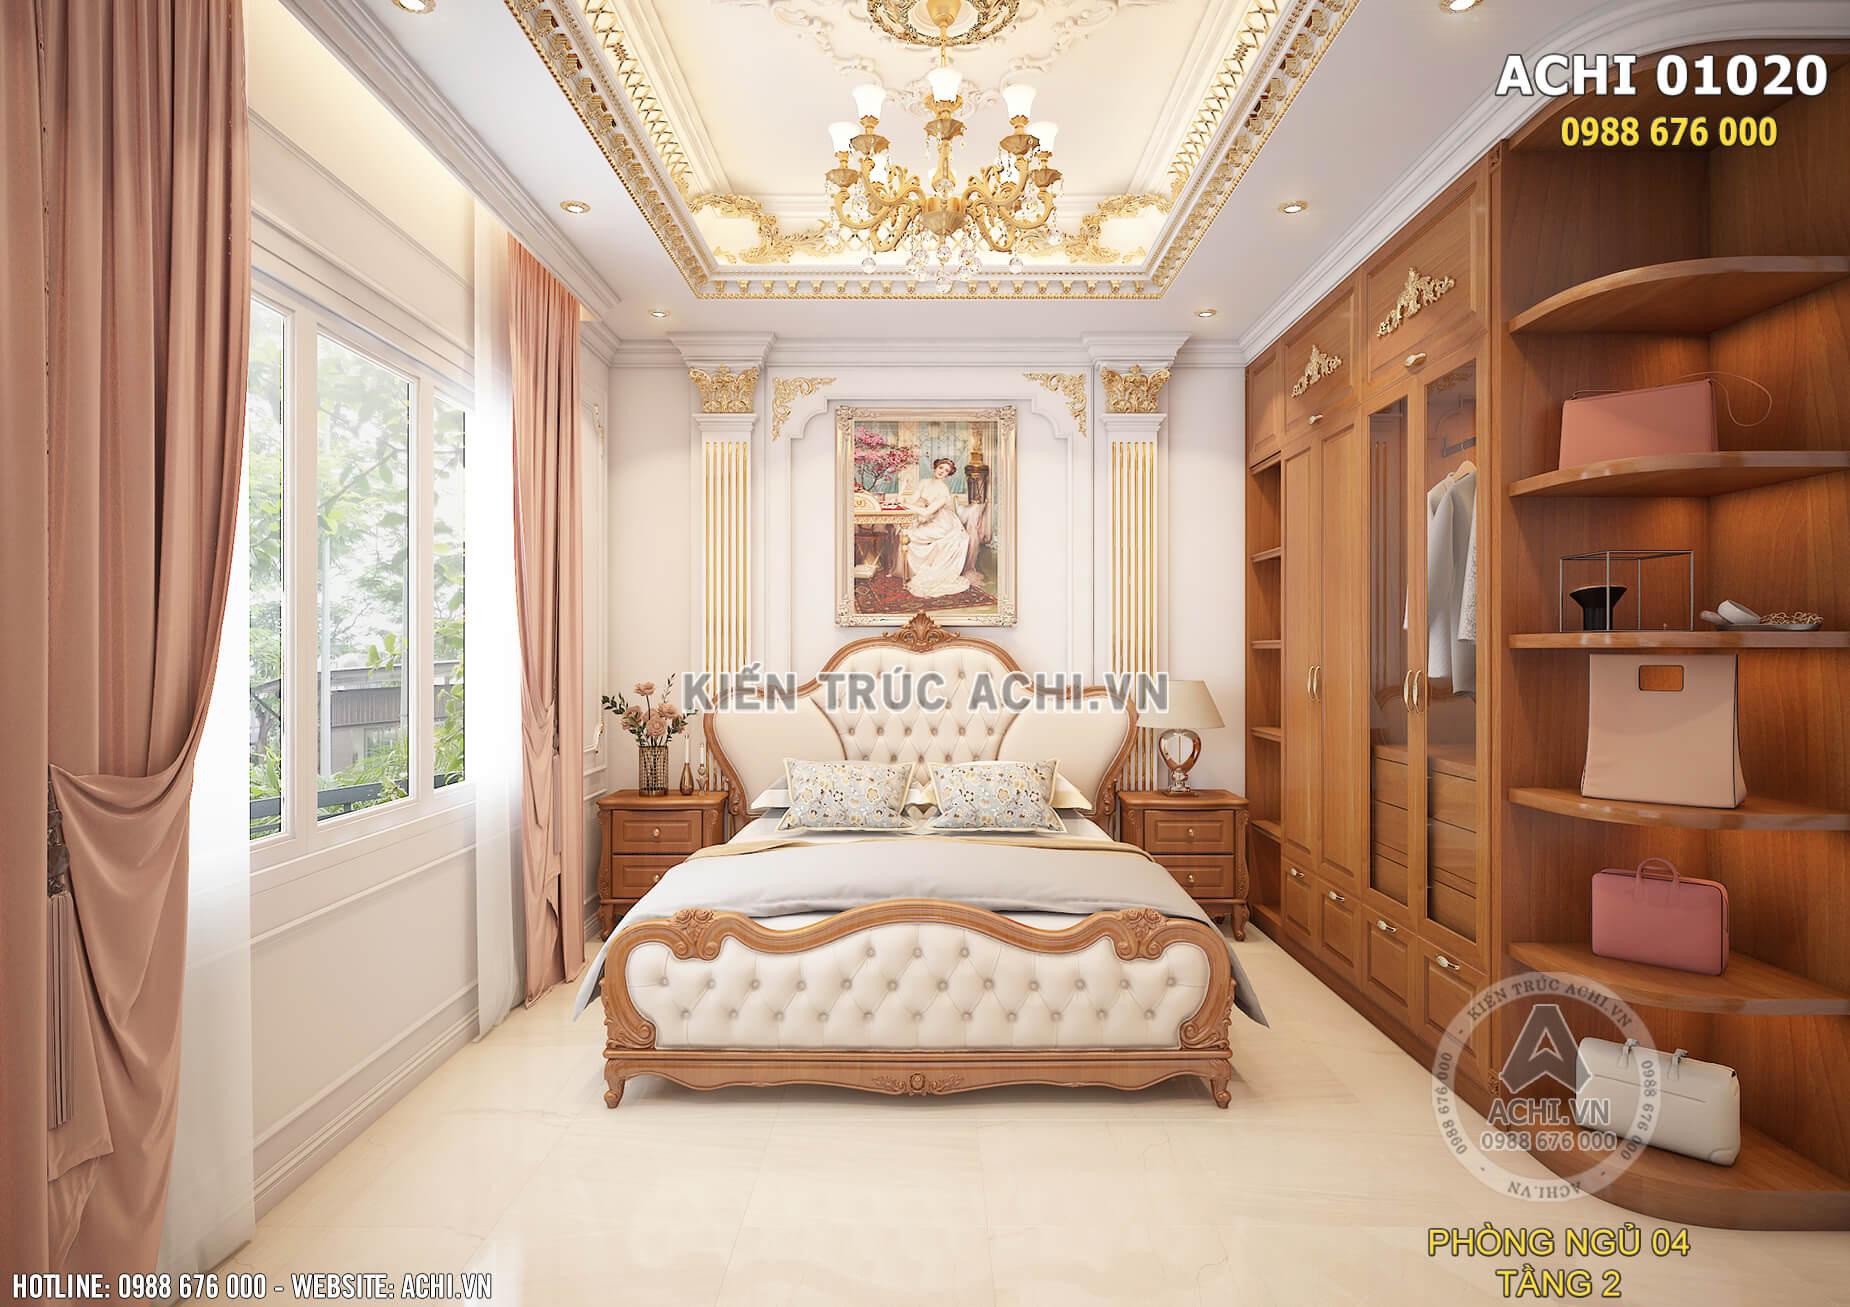 Mẫu thiết kế nội thất đẹp phòng ngủ 04 tại tầng 2 của ngôi biệt thự